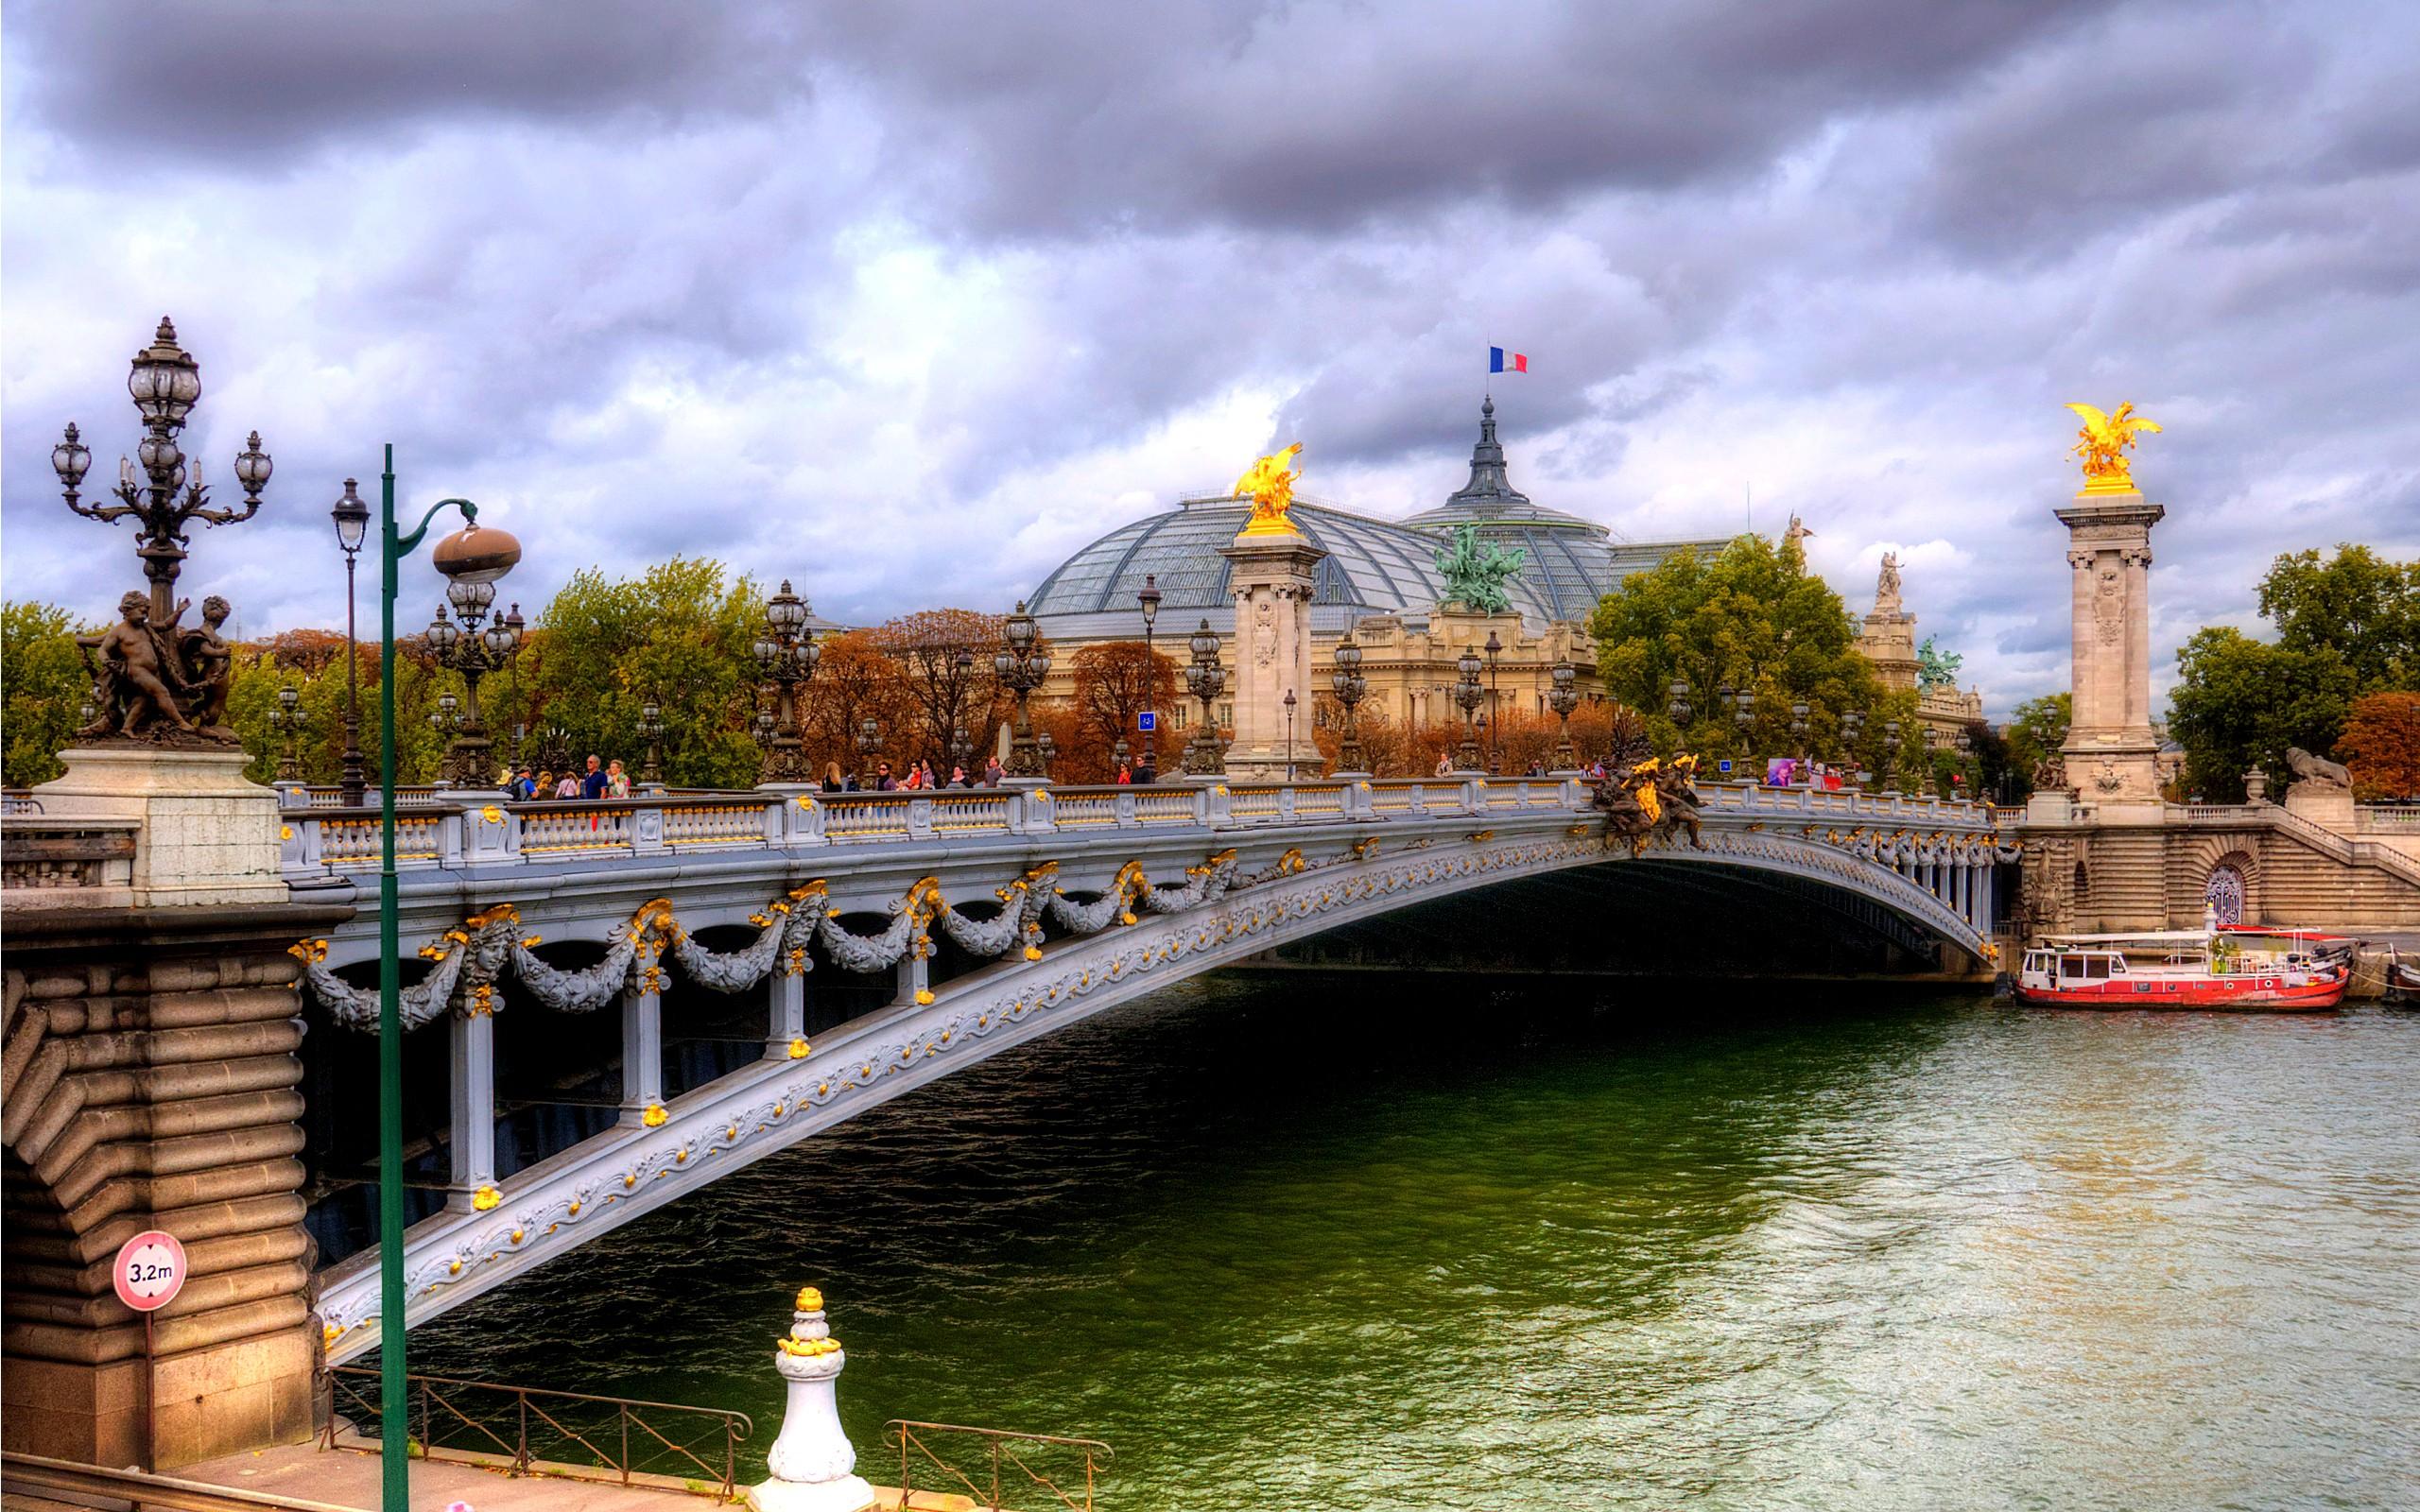 Fotografías HDR de puentes - 2560x1600